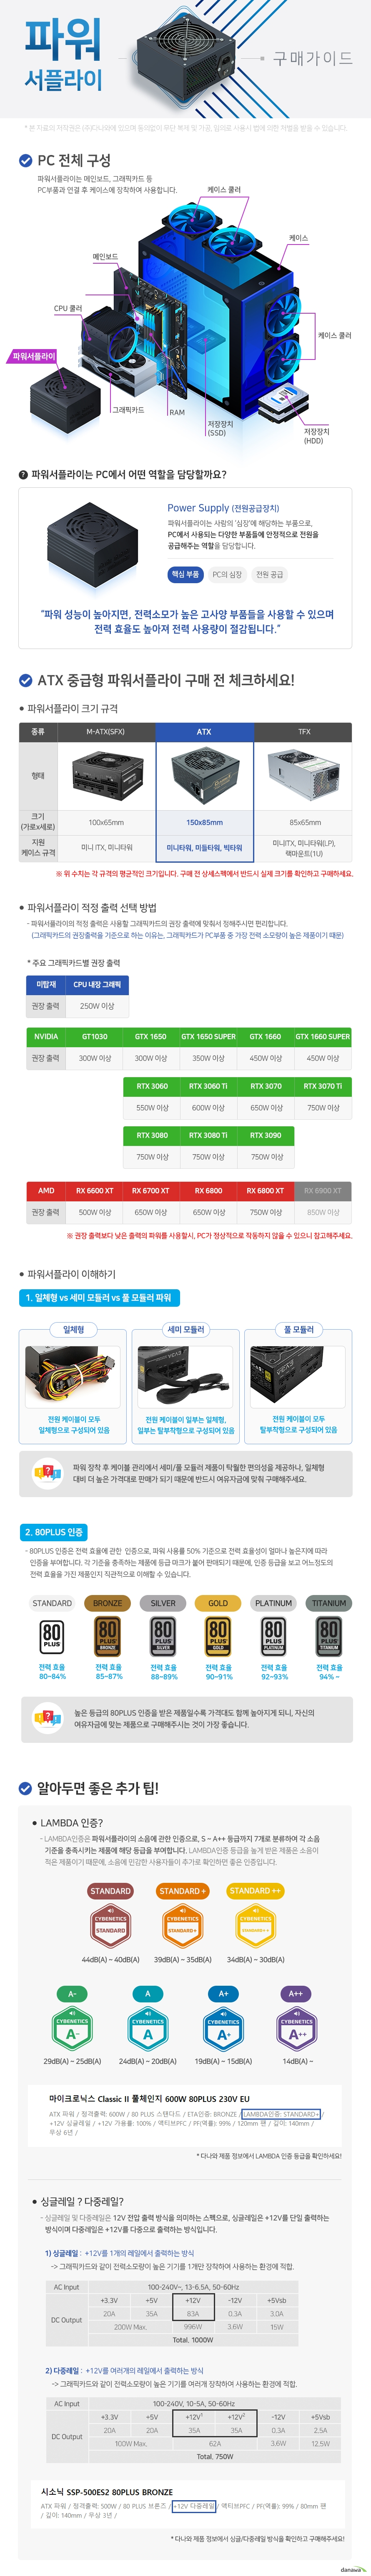 마이크로닉스 COOLMAX FOCUS PRO 500W 80PLUS 230V EU